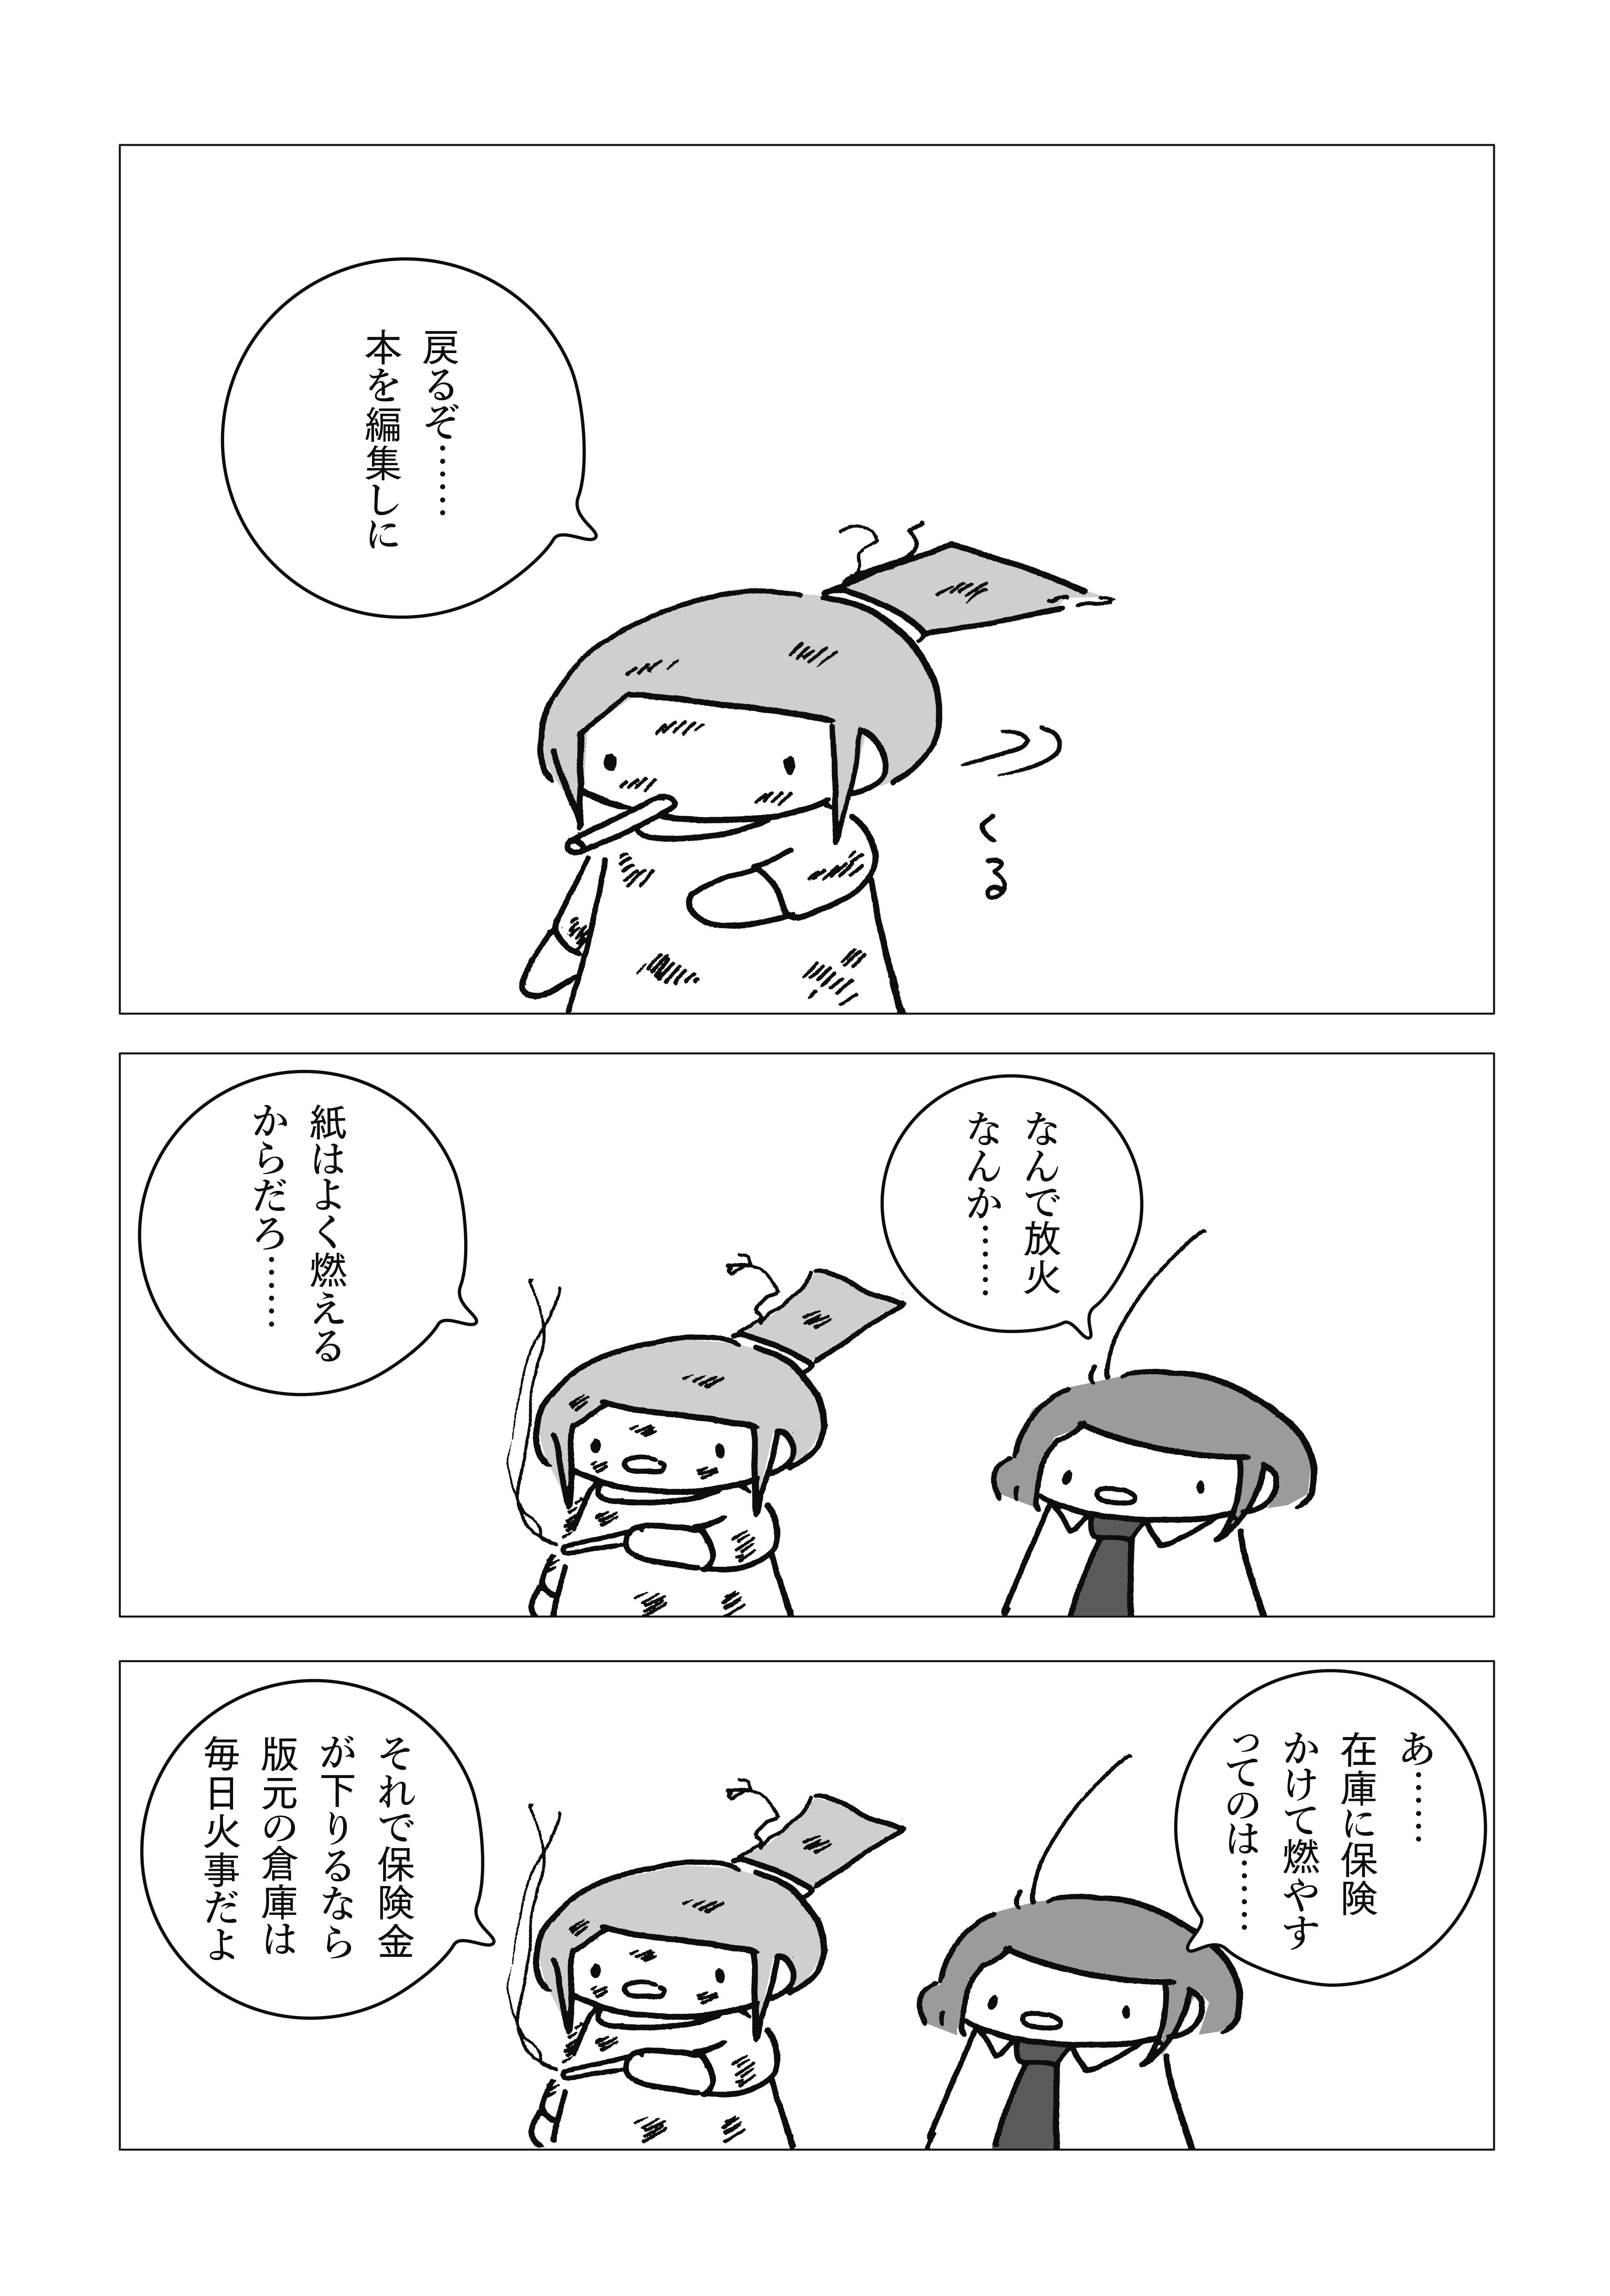 d18_015_b